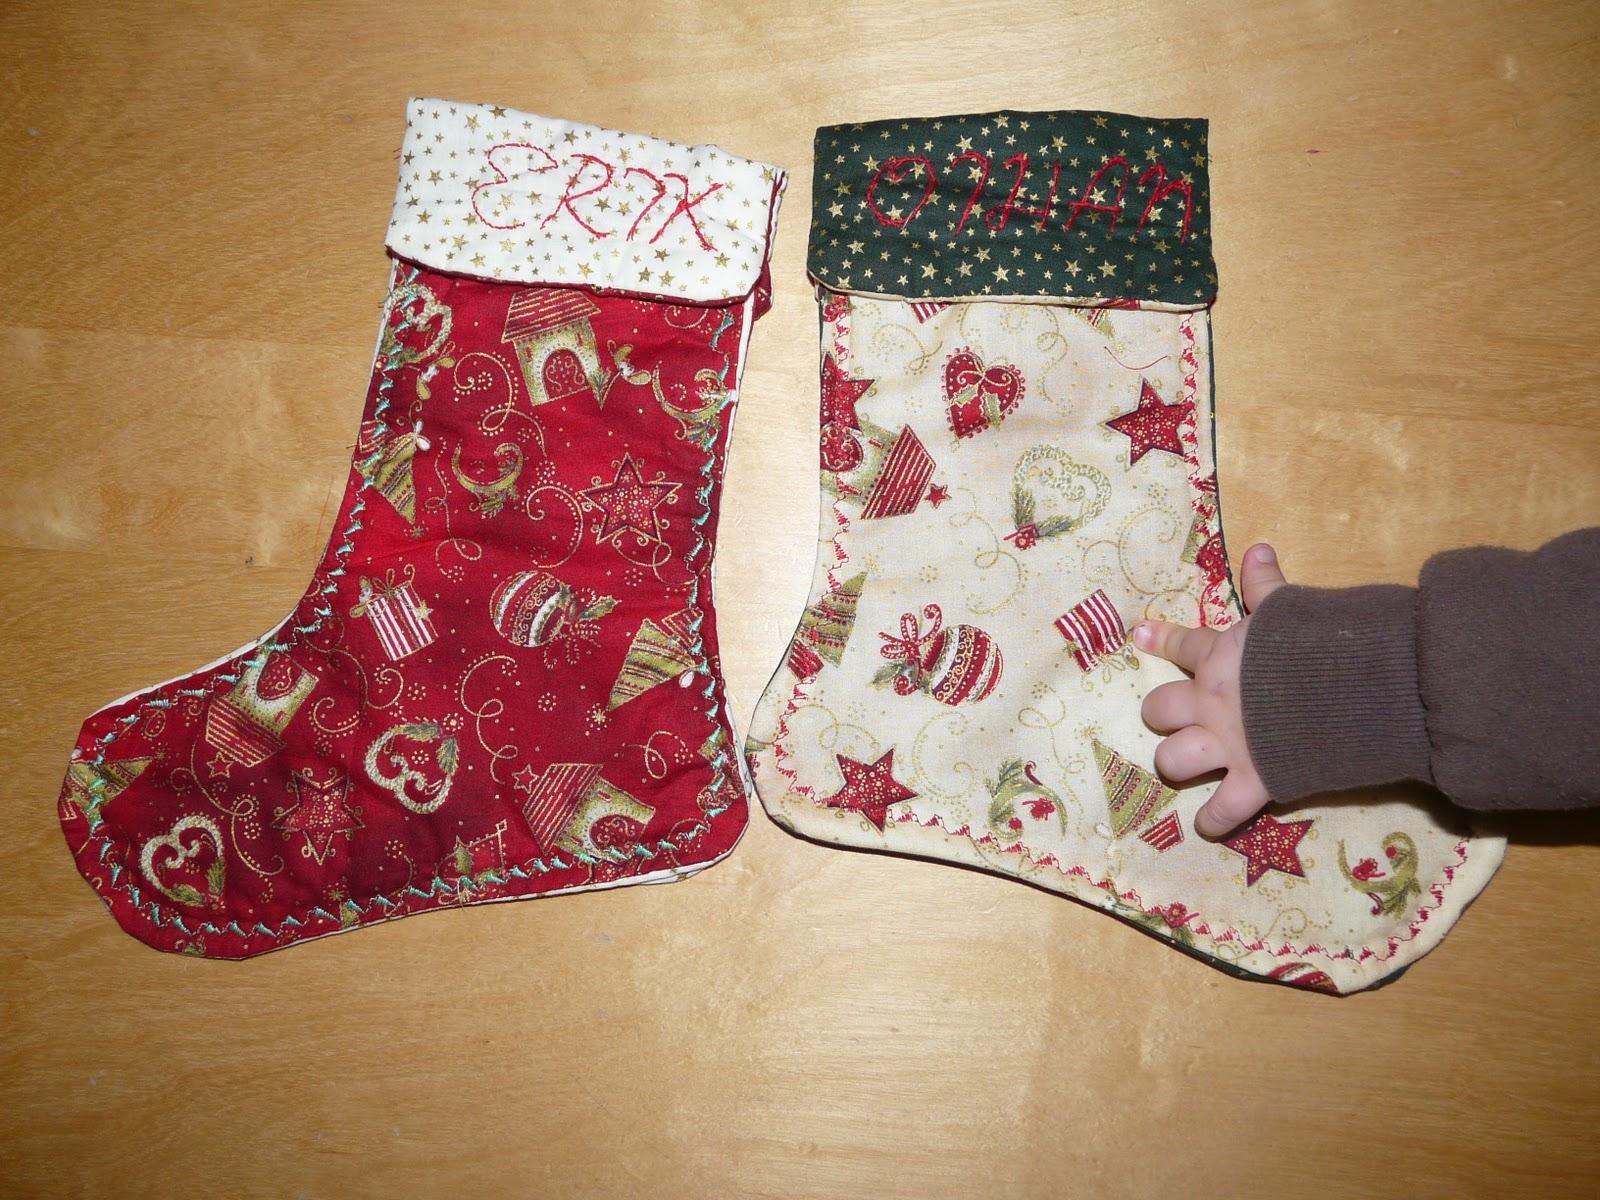 Cosas cosidas cosas mias cositas para navidad - Como hacer cosas para navidad ...